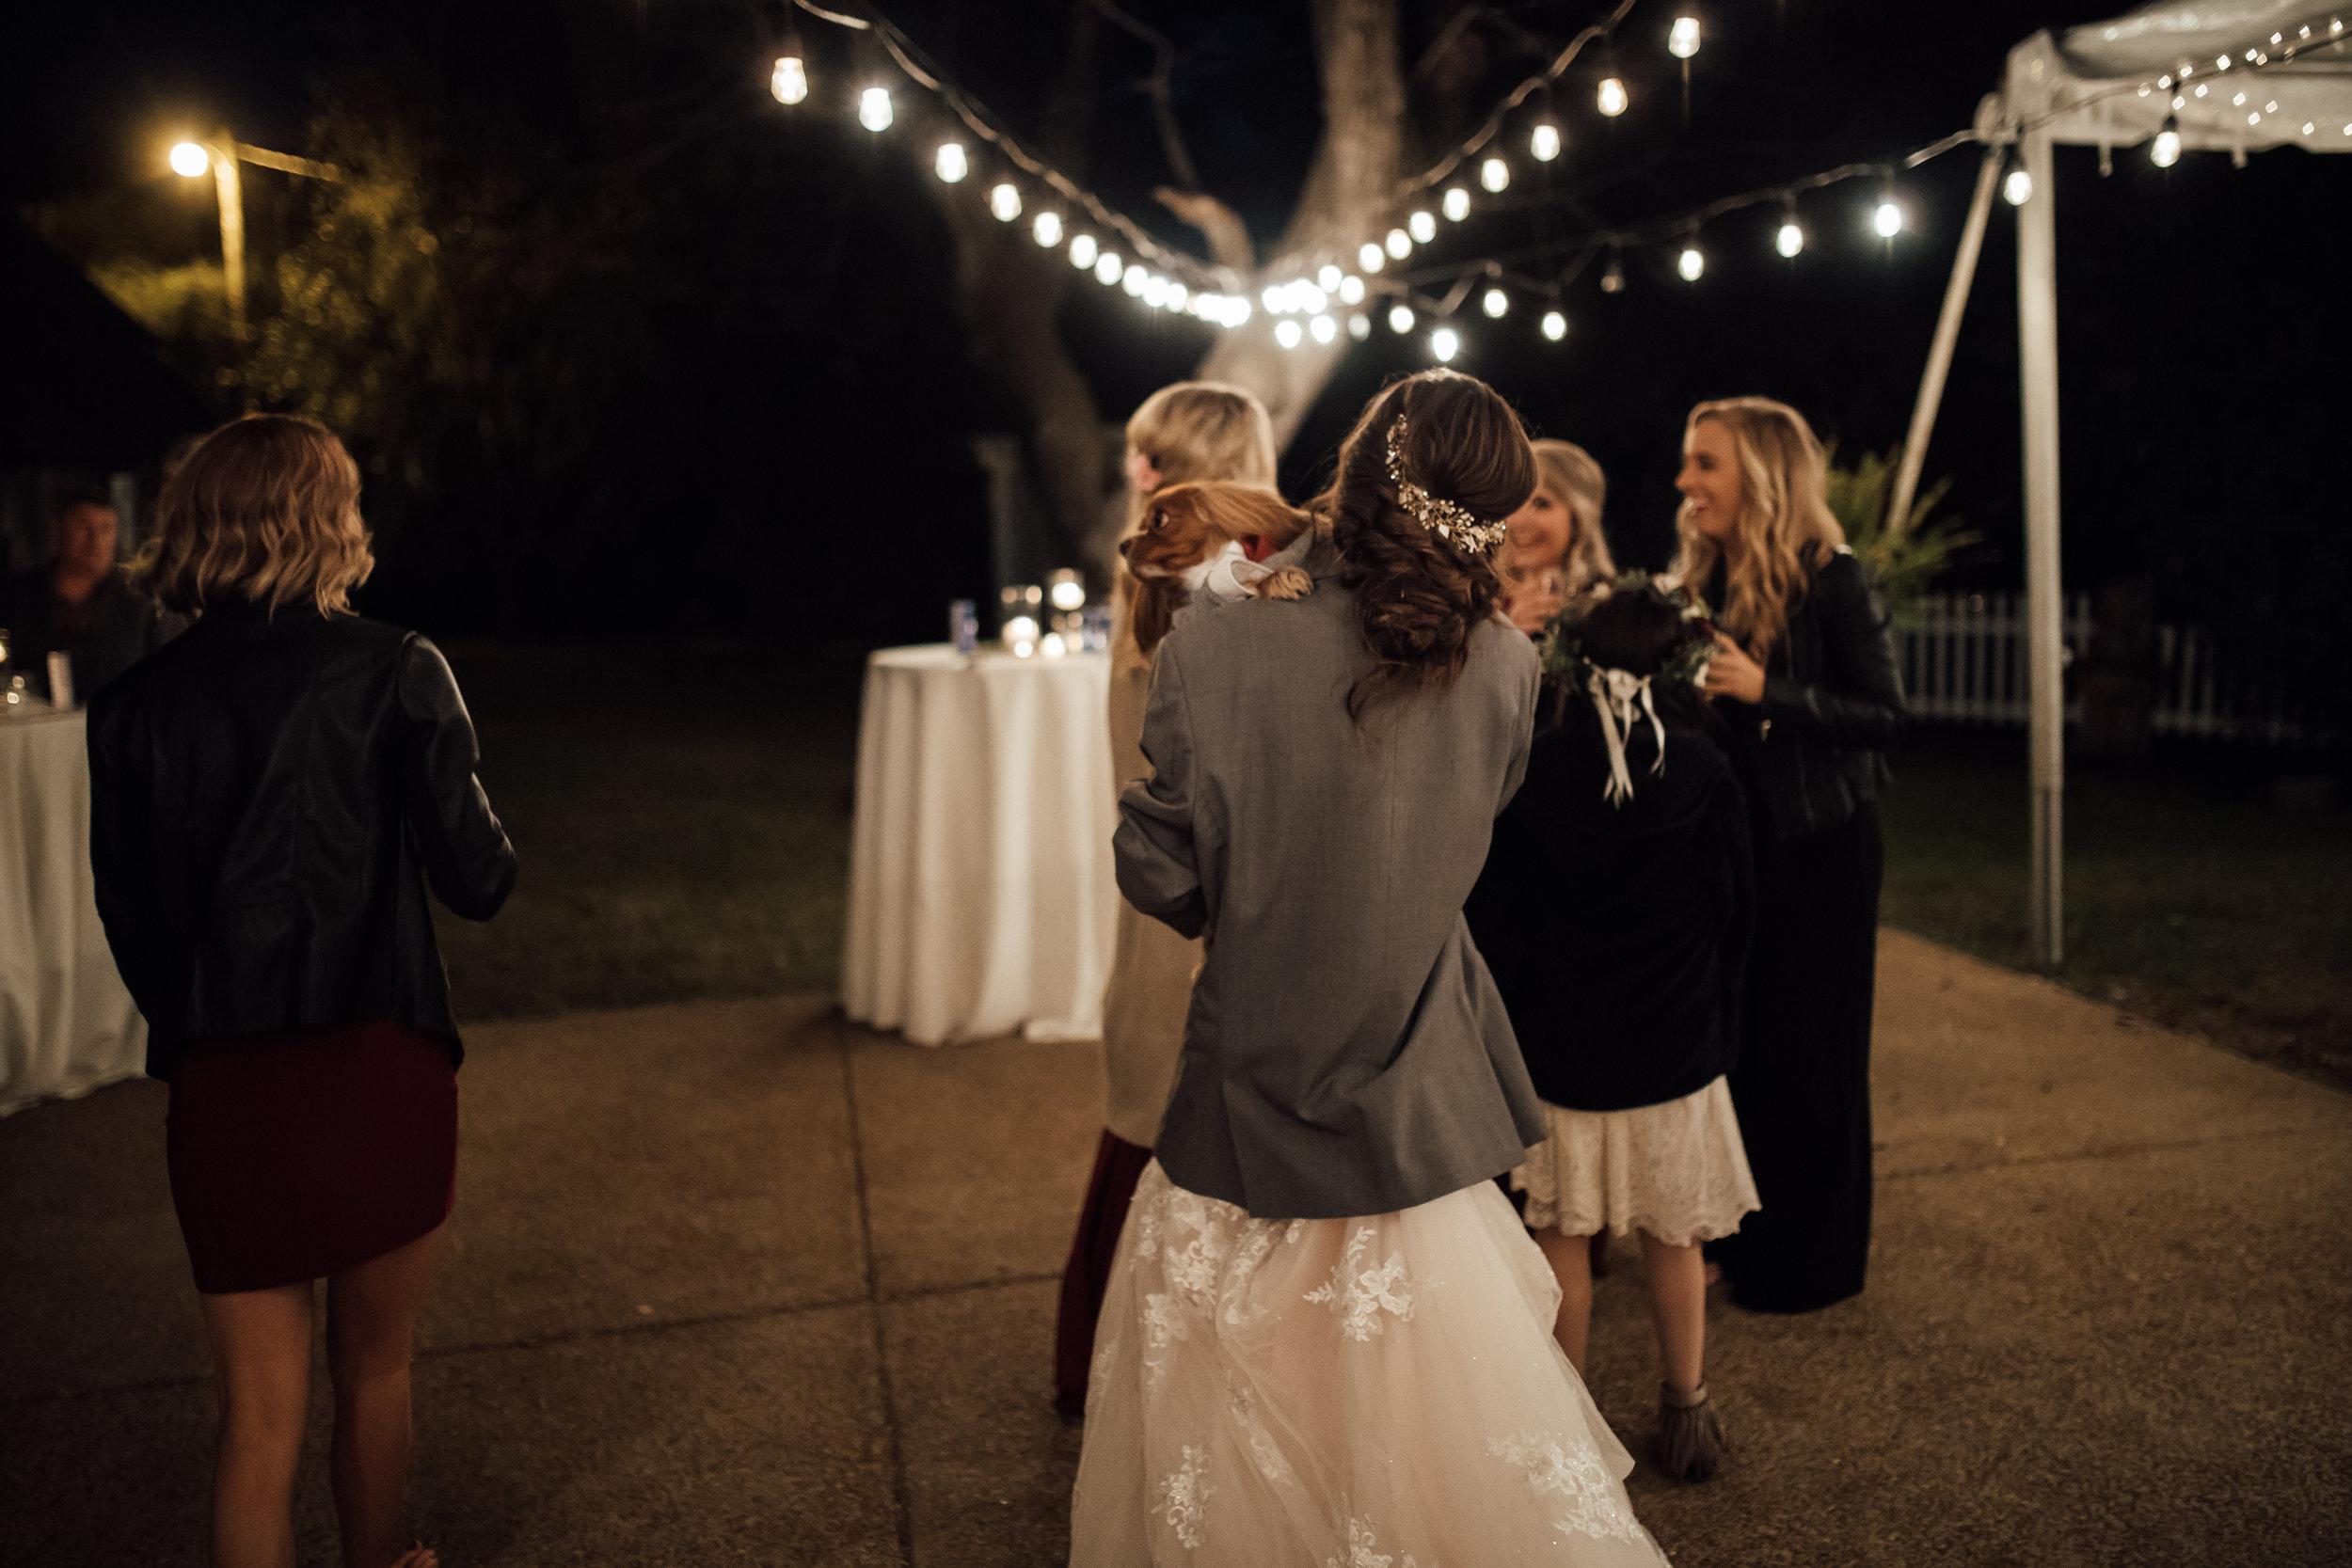 fountain-south-inn-wedding-cassie-cook-photography-memphis-wedding-photographer-ray-wedding-390.jpg